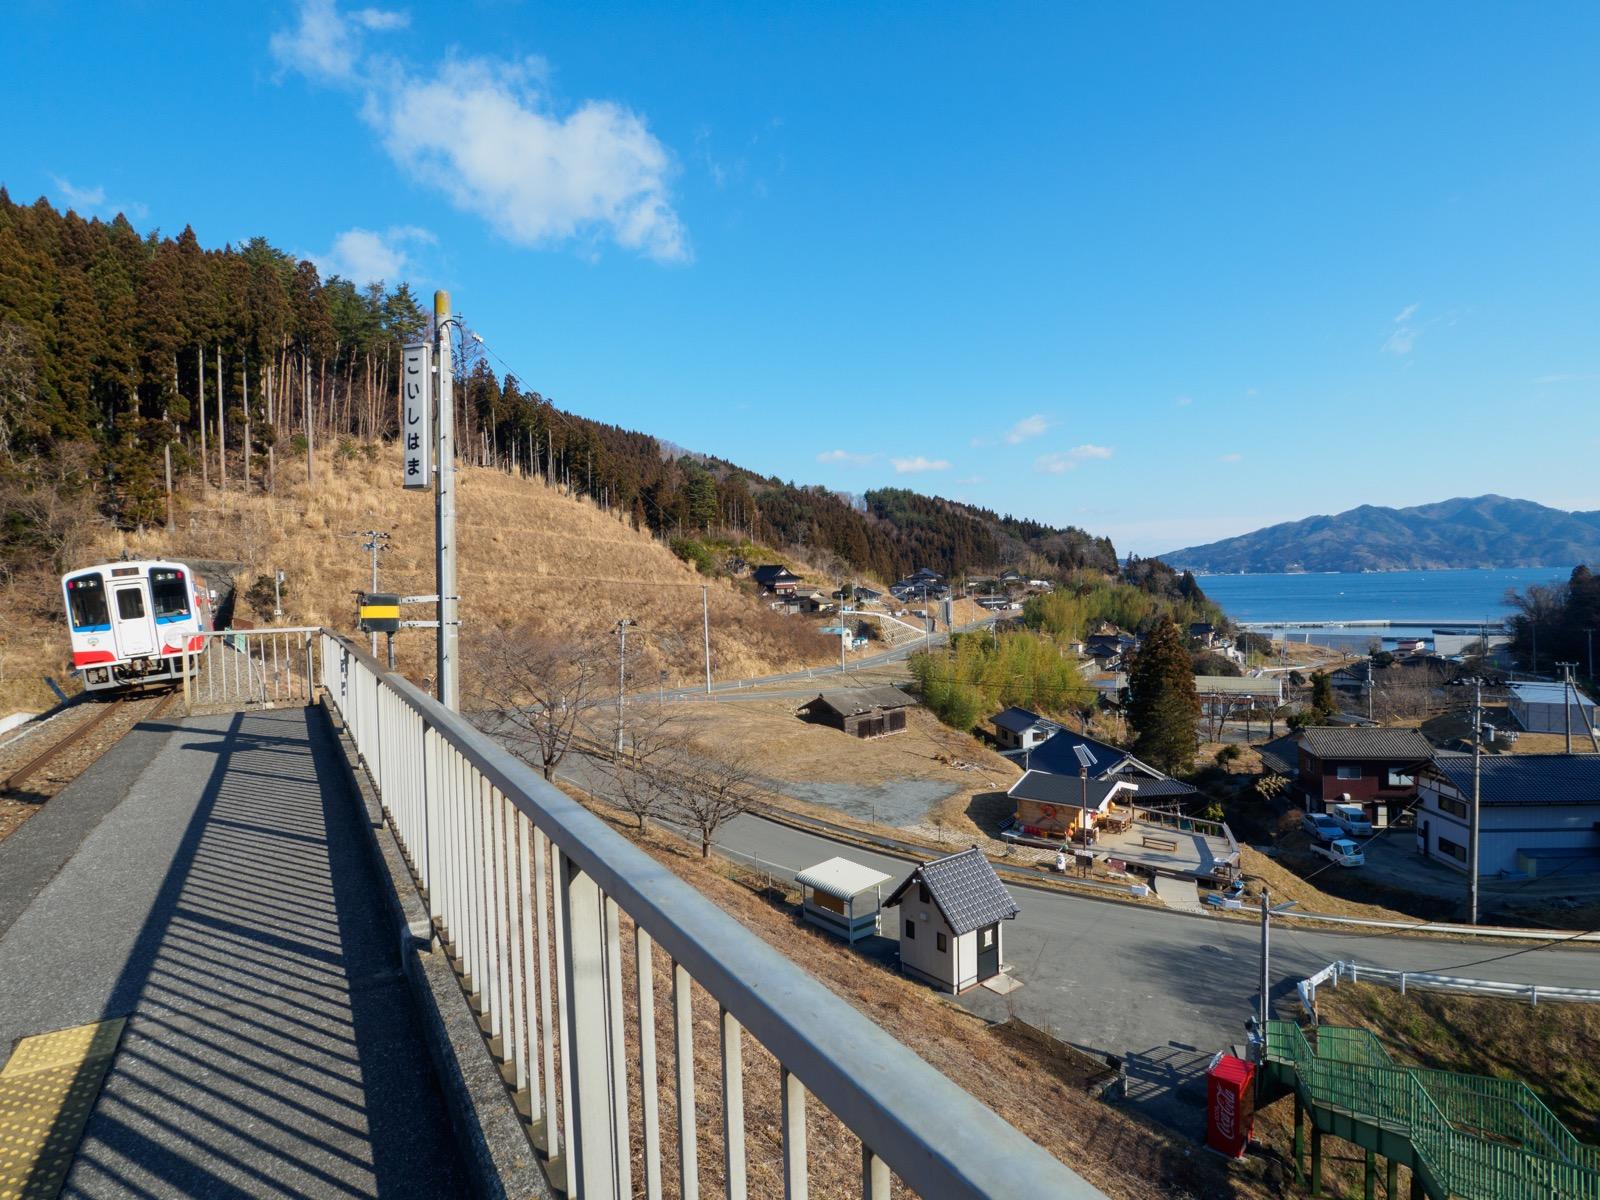 恋し浜駅のホームと眼下の風景(2016年2月)